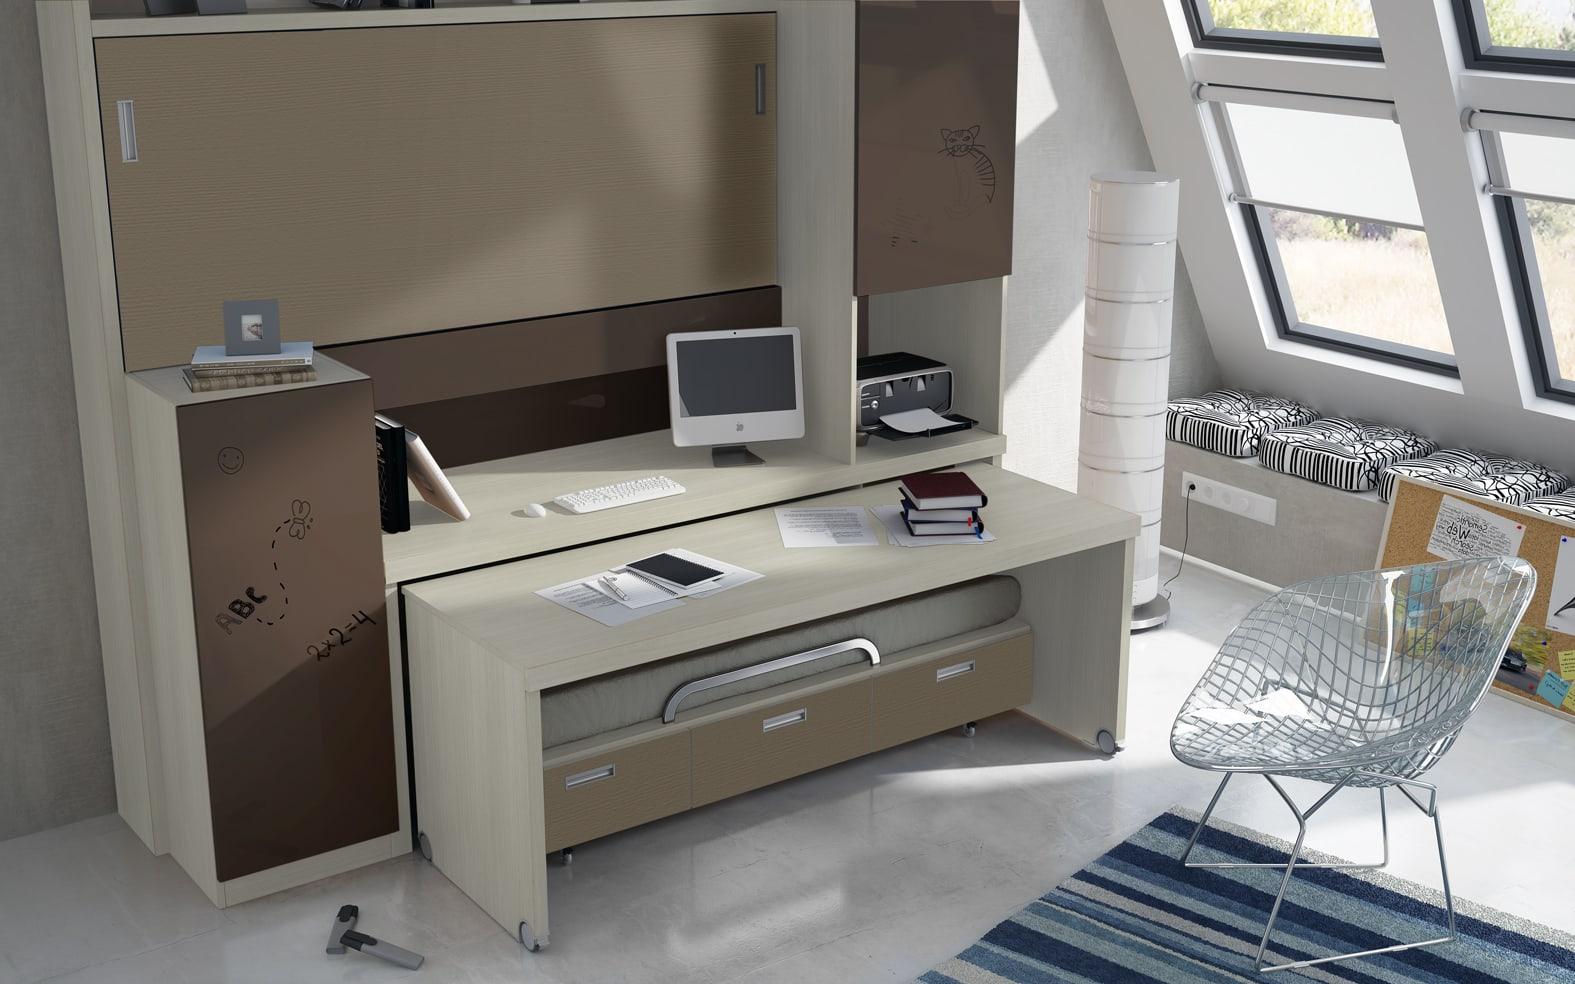 Camas nidos para dormitorios infantiles y juveniles for Camas juveniles con escritorio incorporado